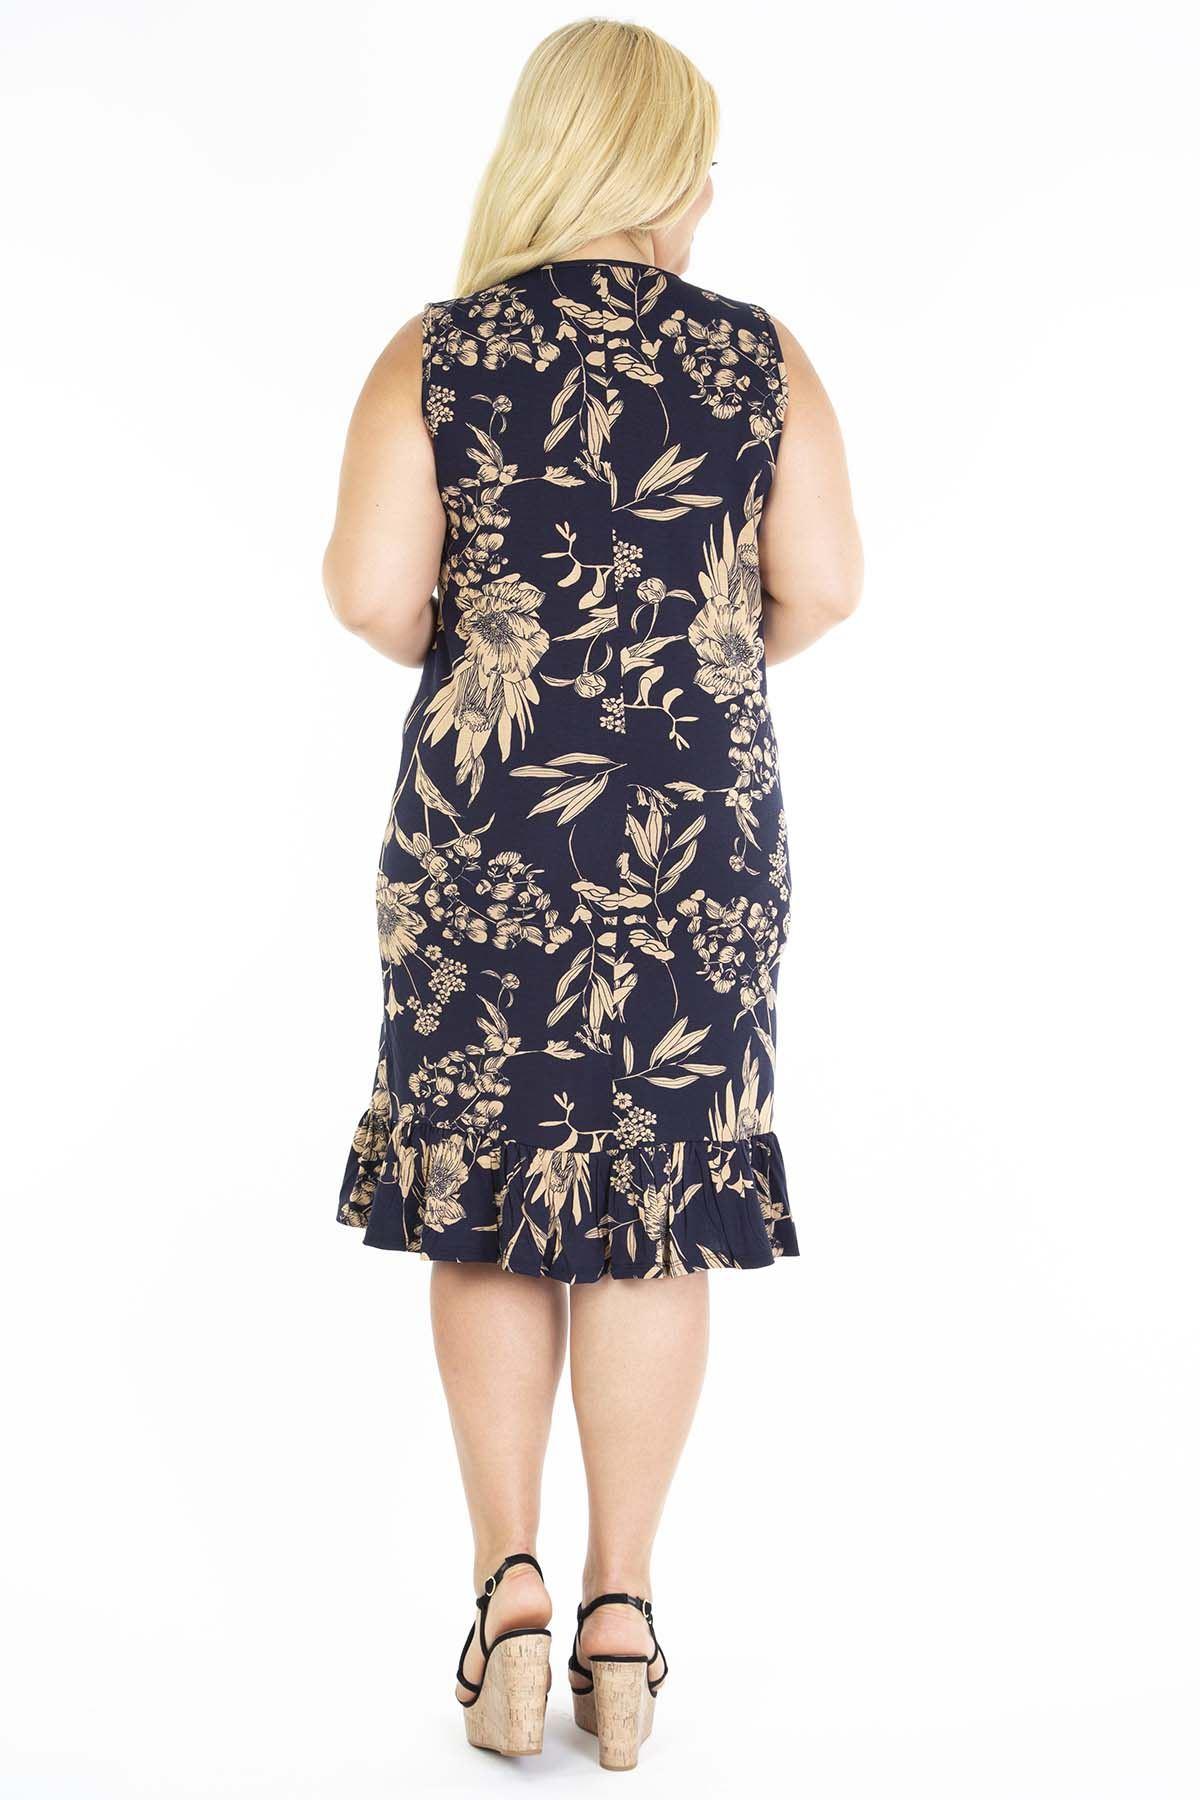 Siyah Desenli Kolsuz Büyük Beden Elbise 10D-1198